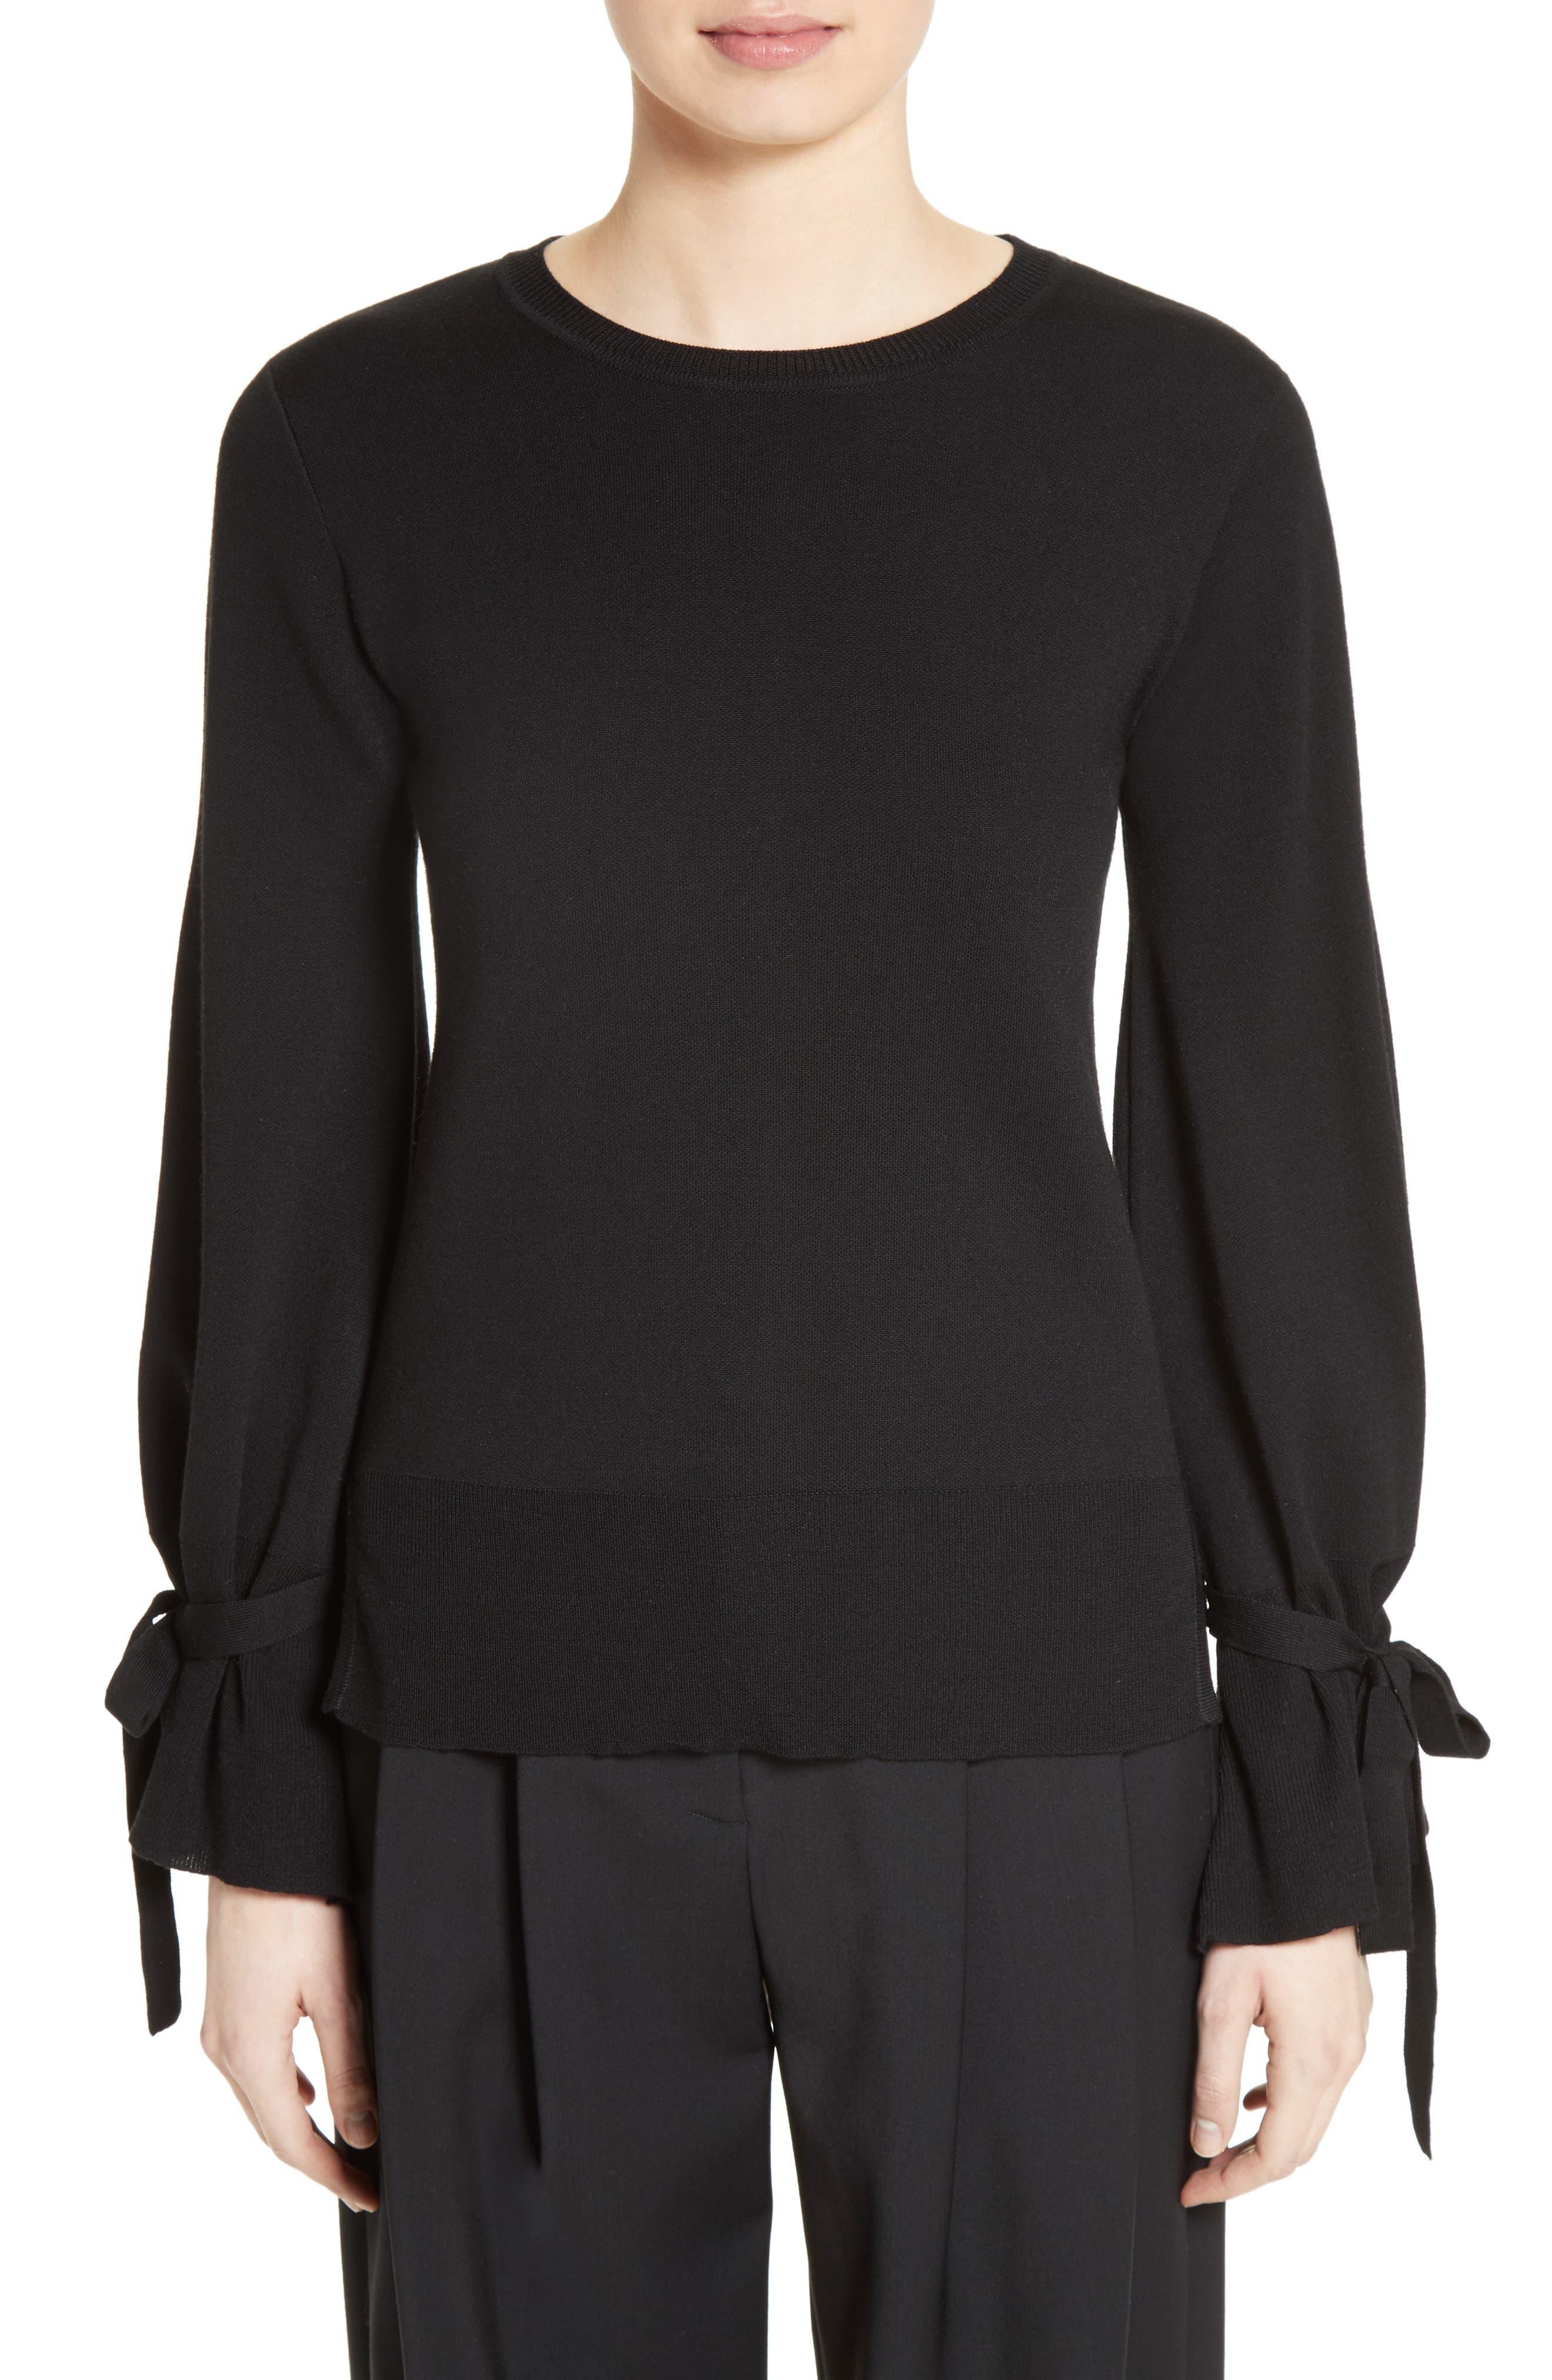 Main Image - Adam Lippes Merino Wool Bell Sleeve Sweater